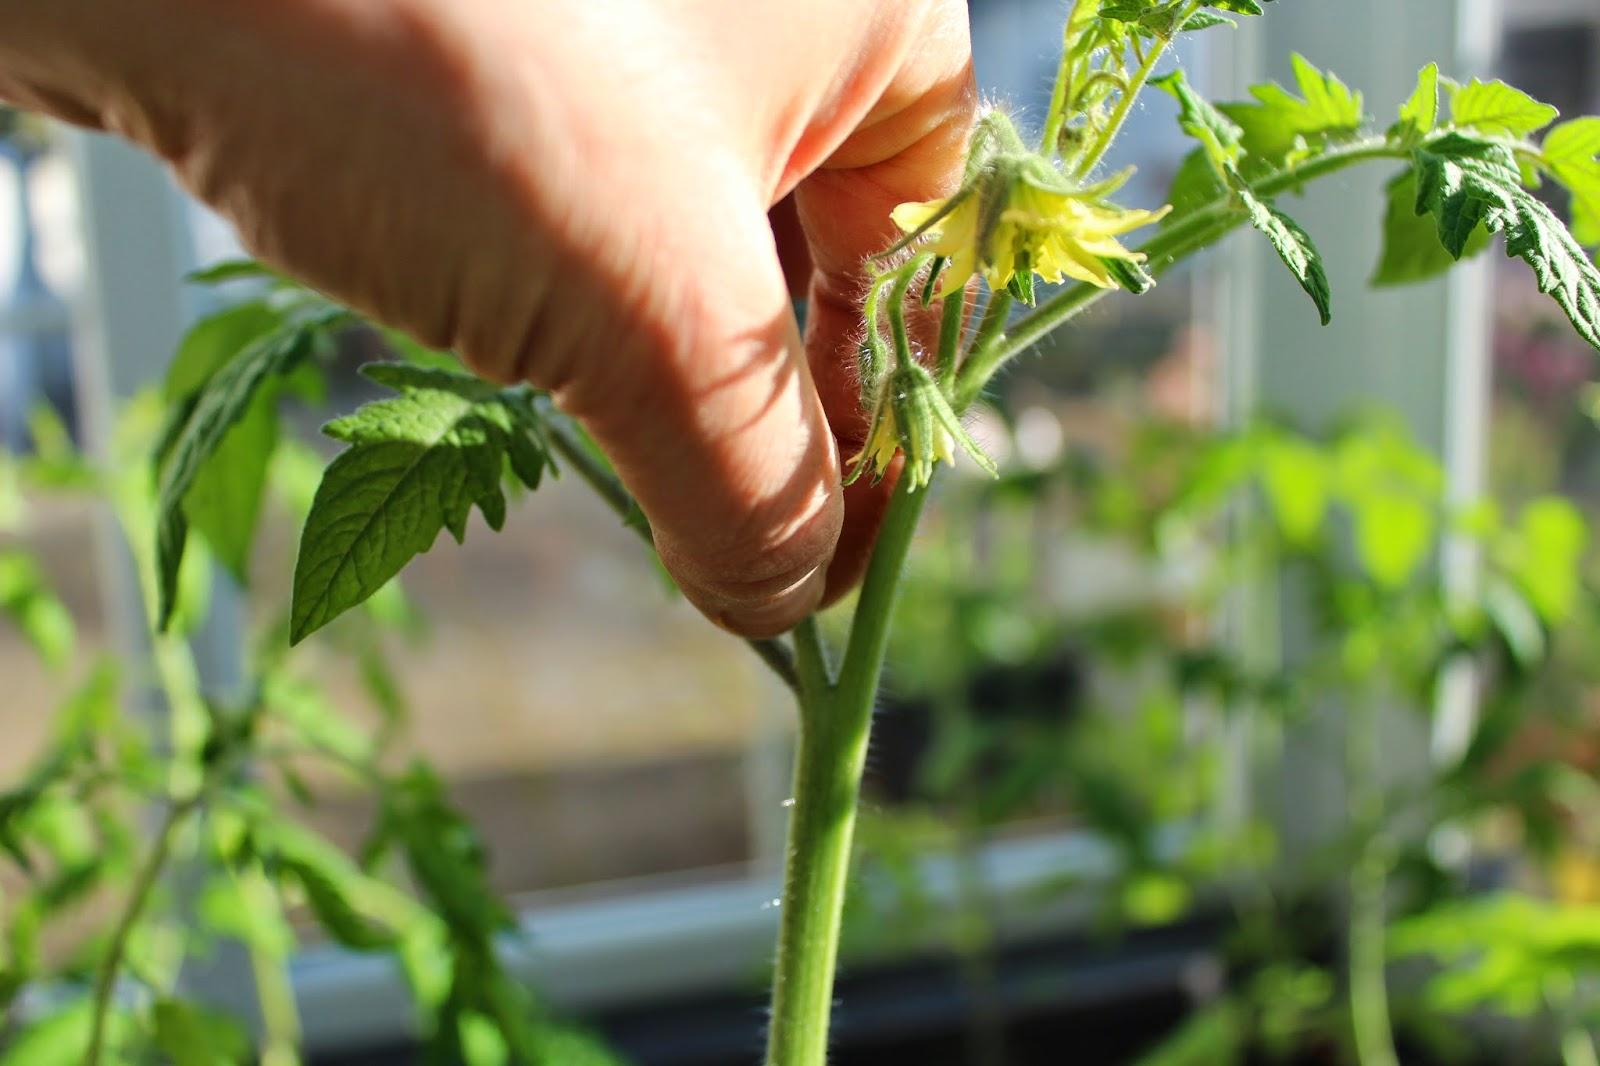 pasning af tomatplanter